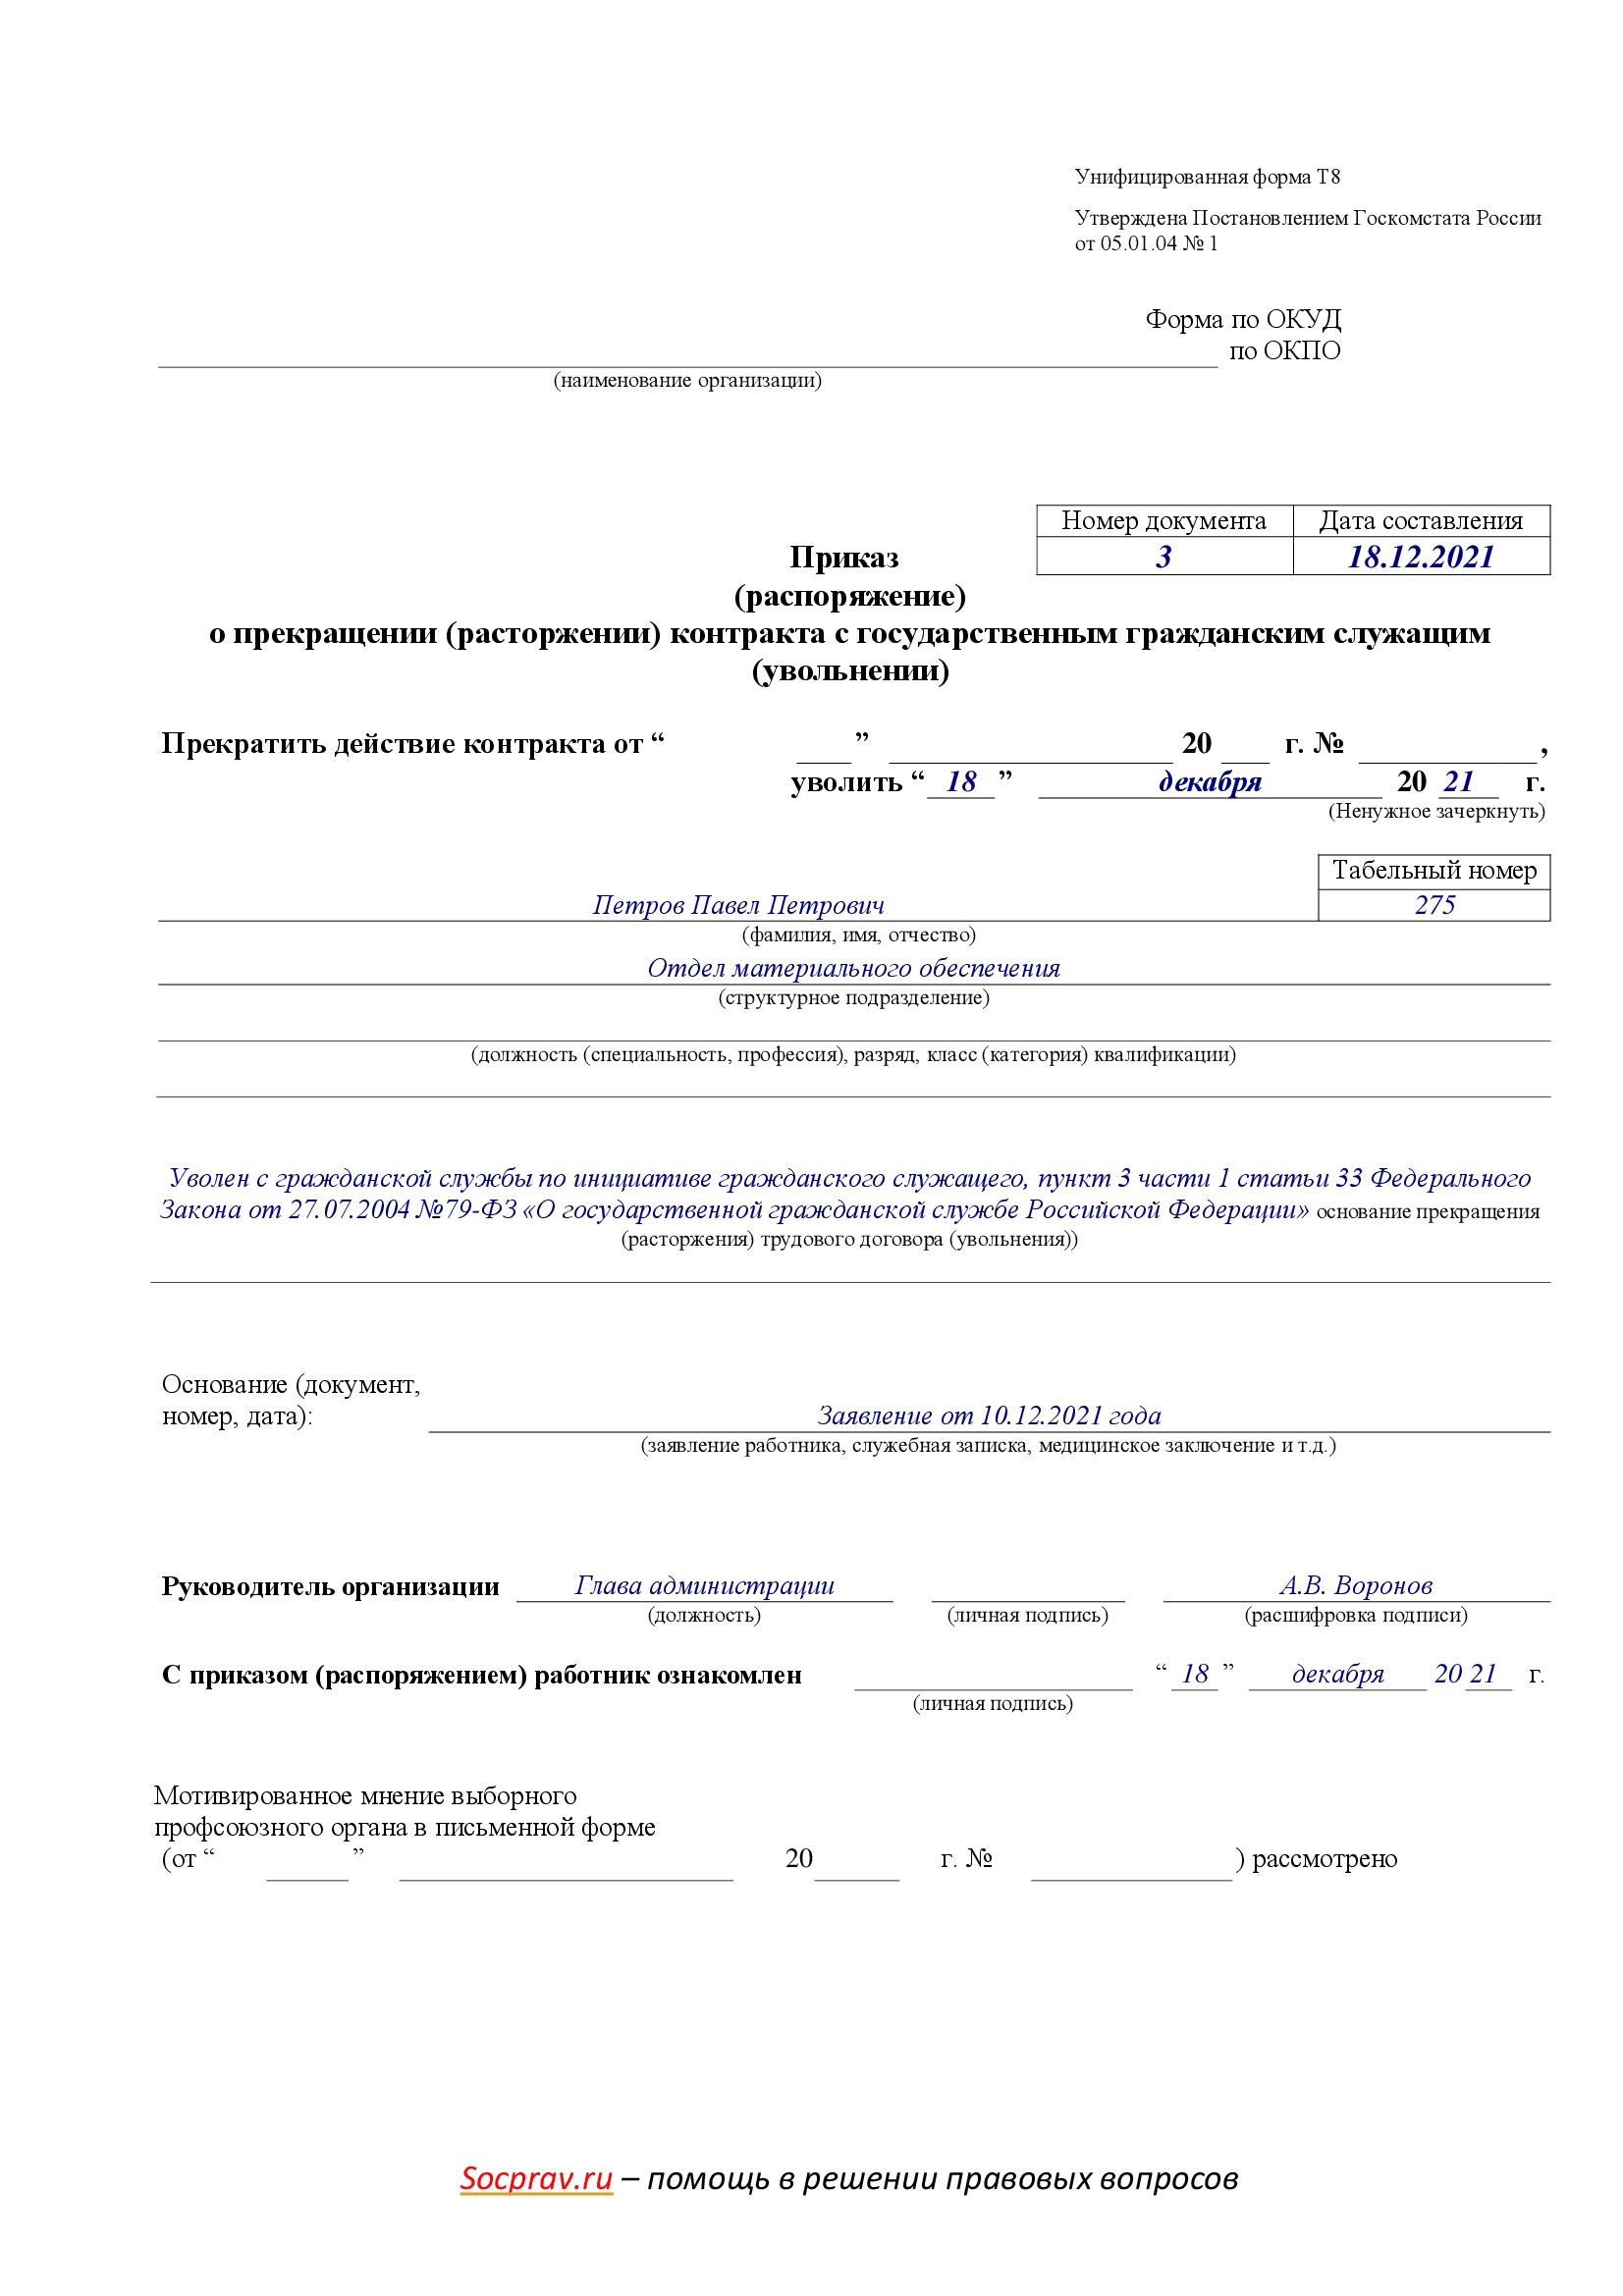 Приказ (распоряжение) о прекращении (расторжении) контракта с государственным гражданским служащим (увольнении)